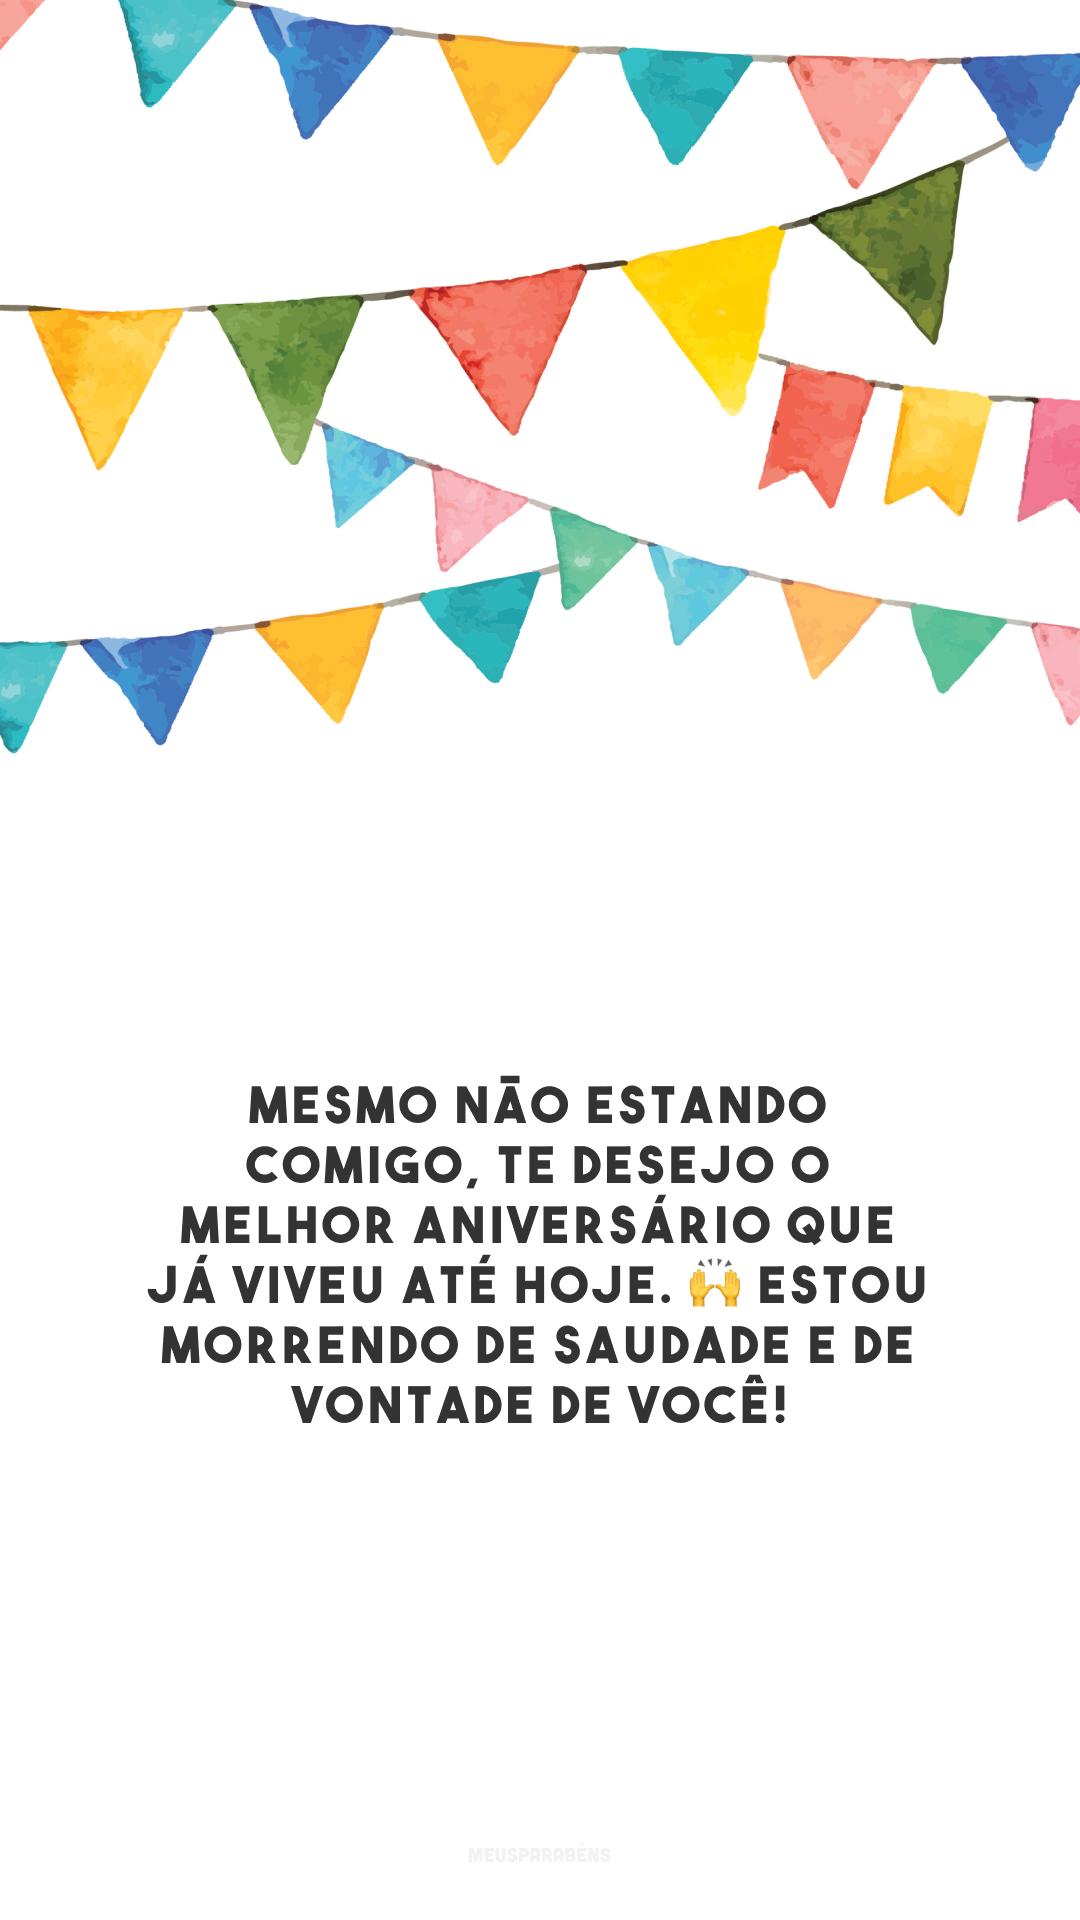 Mesmo não estando comigo, te desejo o melhor aniversário que já viveu até hoje. 🙌 Estou morrendo de saudade e de vontade de você!